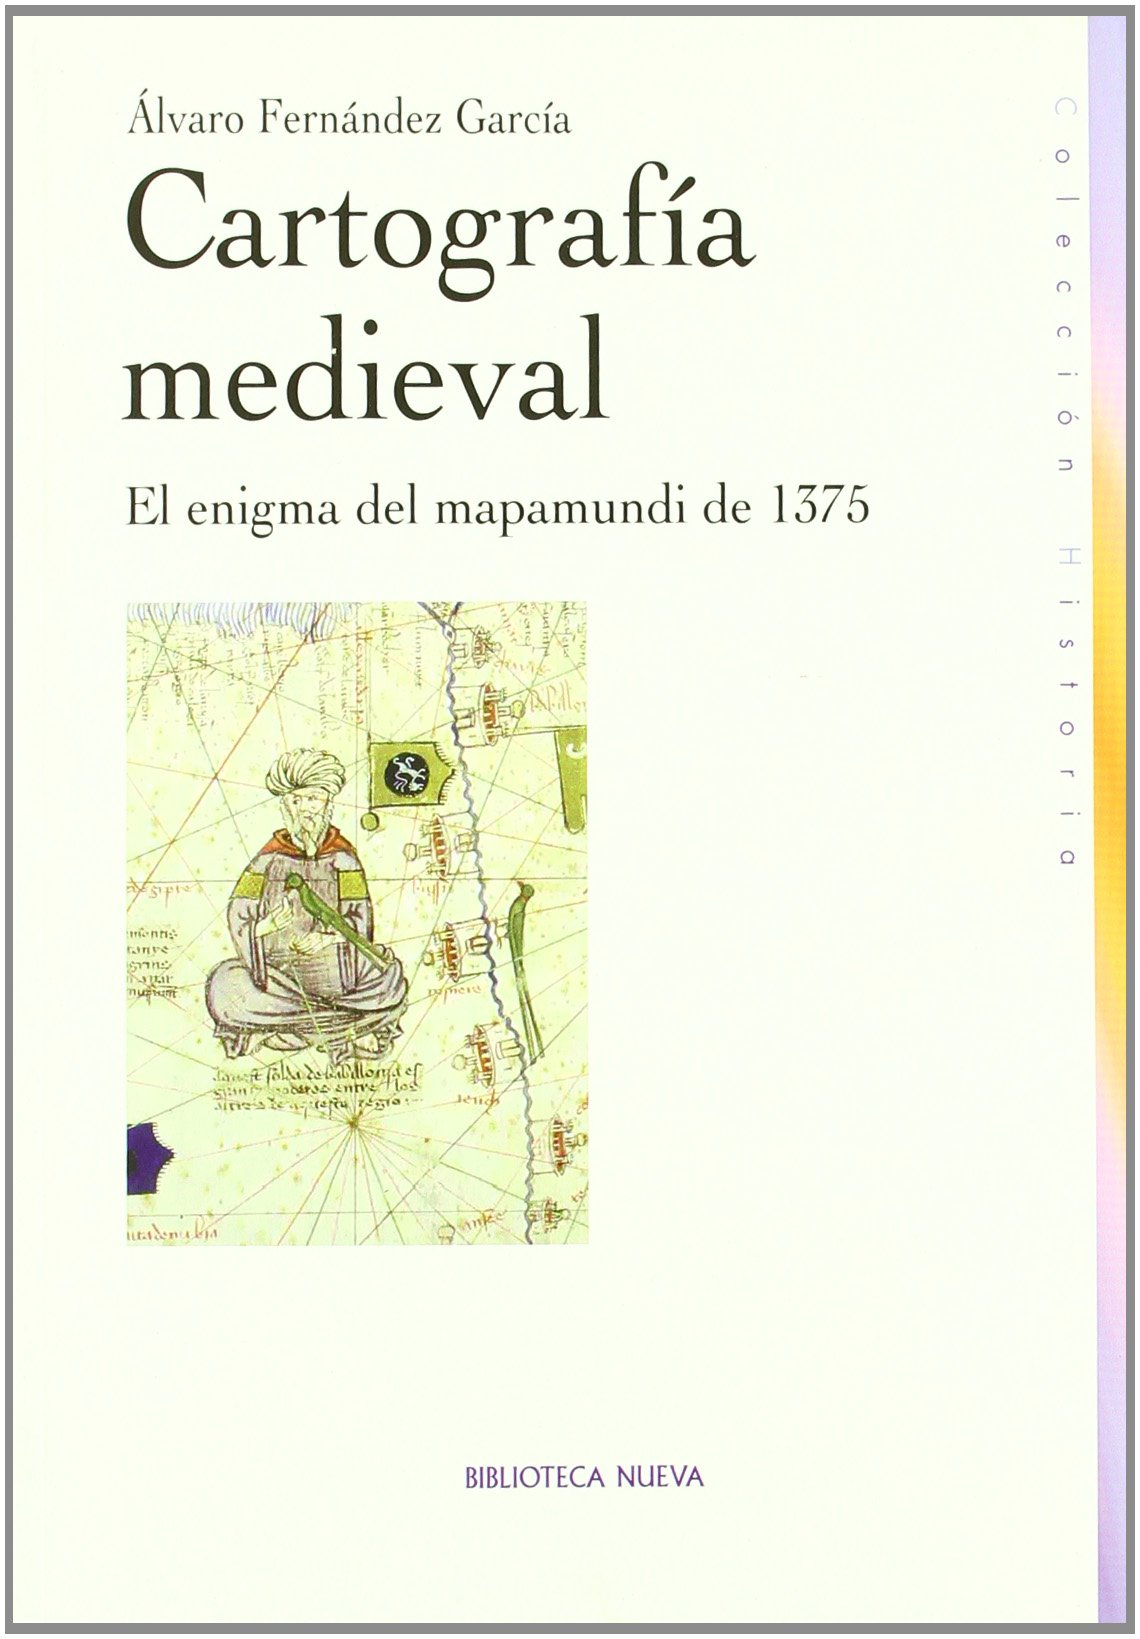 Cartografía medieval: El enigma del mapamundi de 1375 Historia Biblioteca Nueva: Amazon.es: Fernández García, Álvaro: Libros